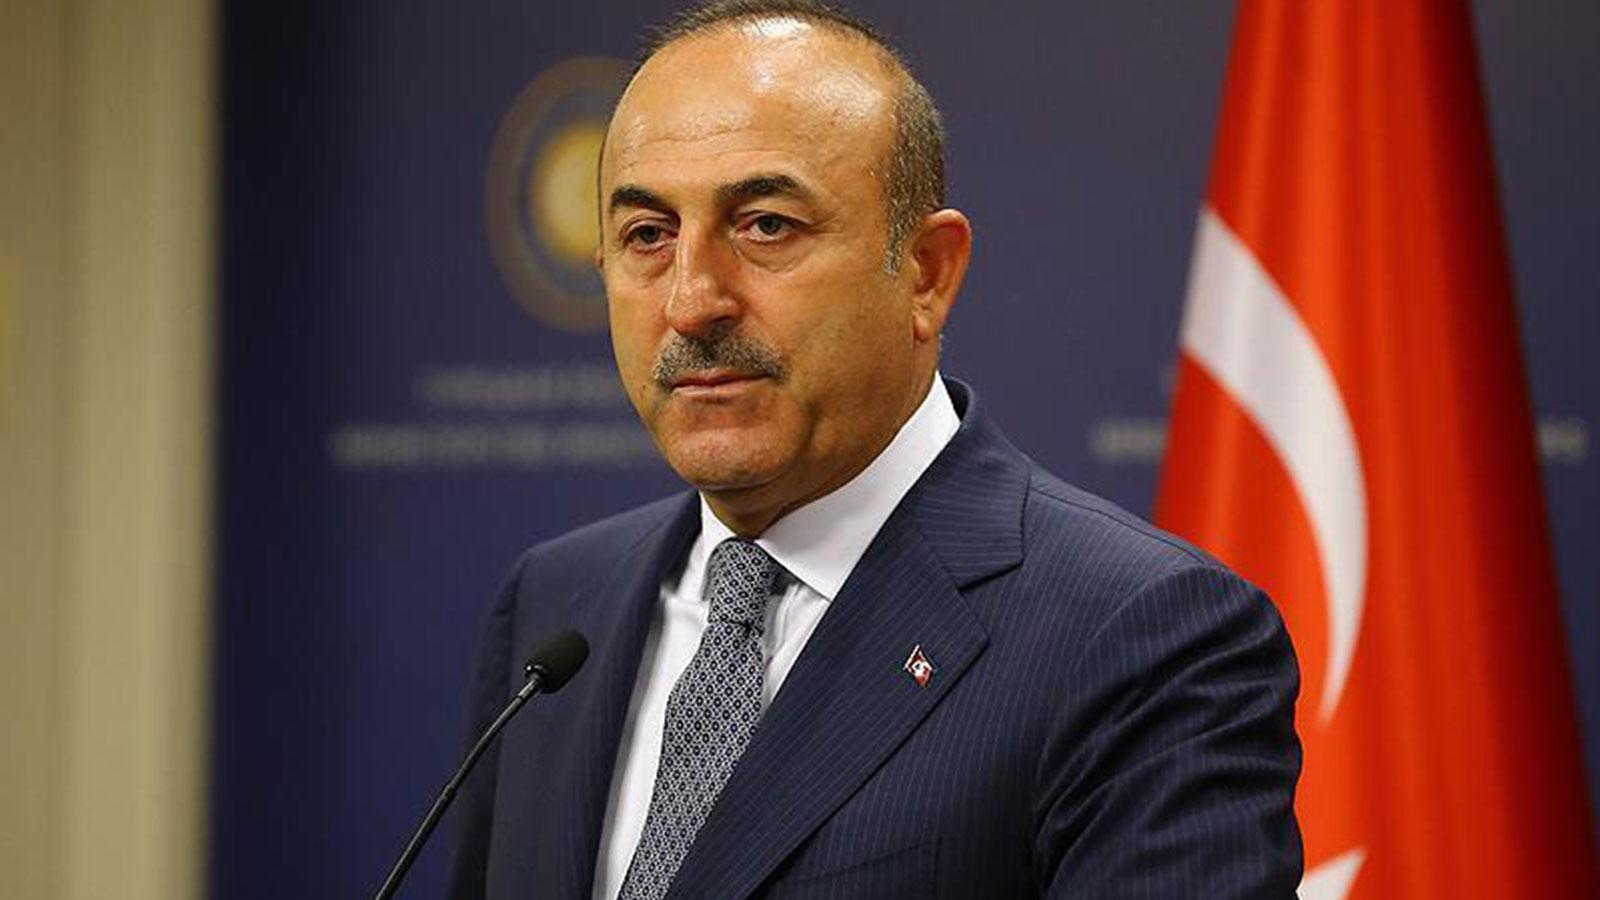 Bakan Çavuşoğlu duyurdu: Mısır'la ilk diplomatik temas başladı!